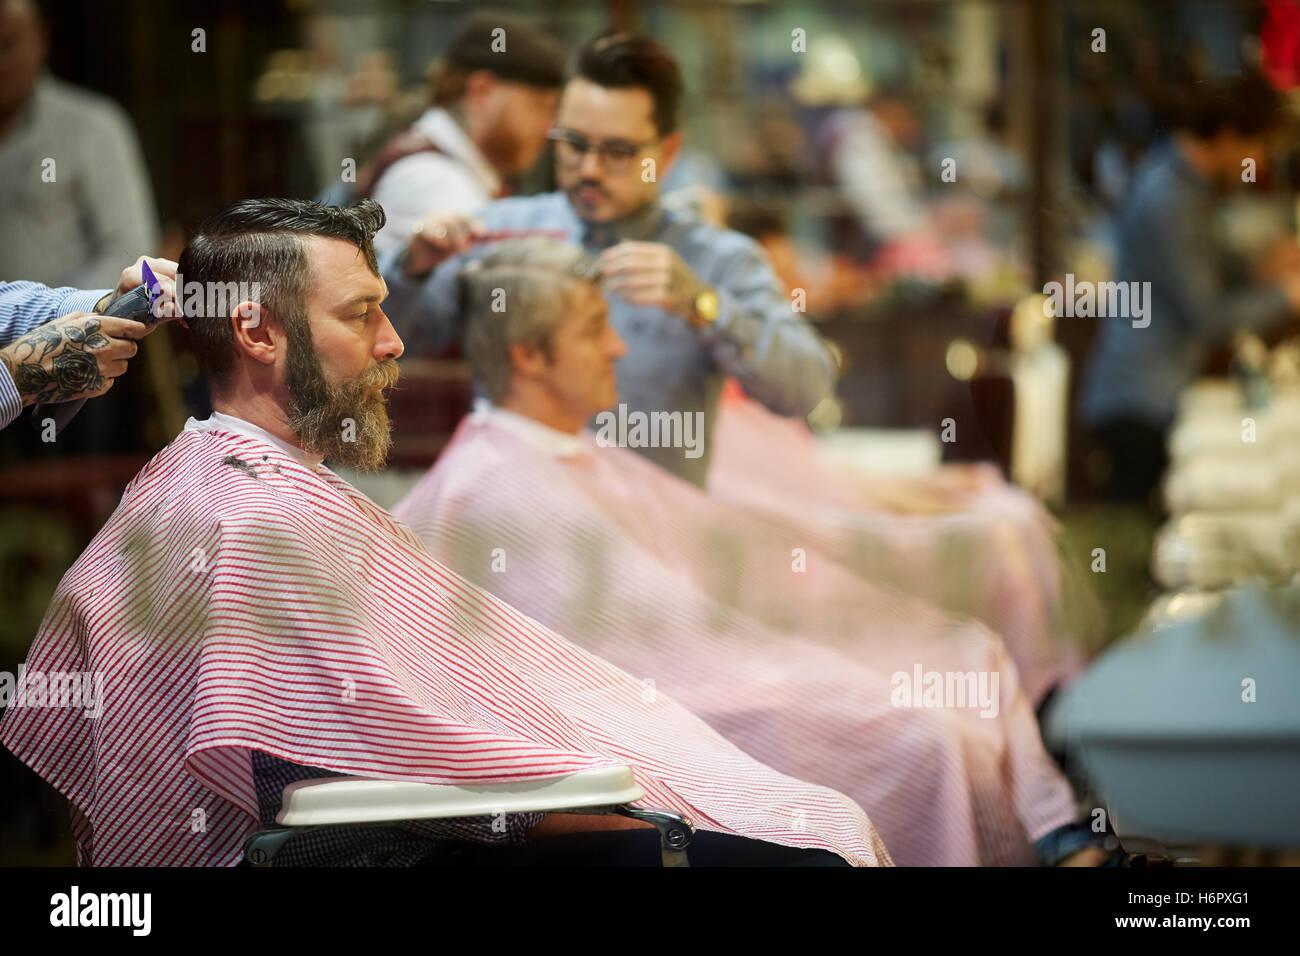 Messieurs barbier coiffeur mâle toilettage rue animée boutiques shopping magasin de détail au détail Photo Stock